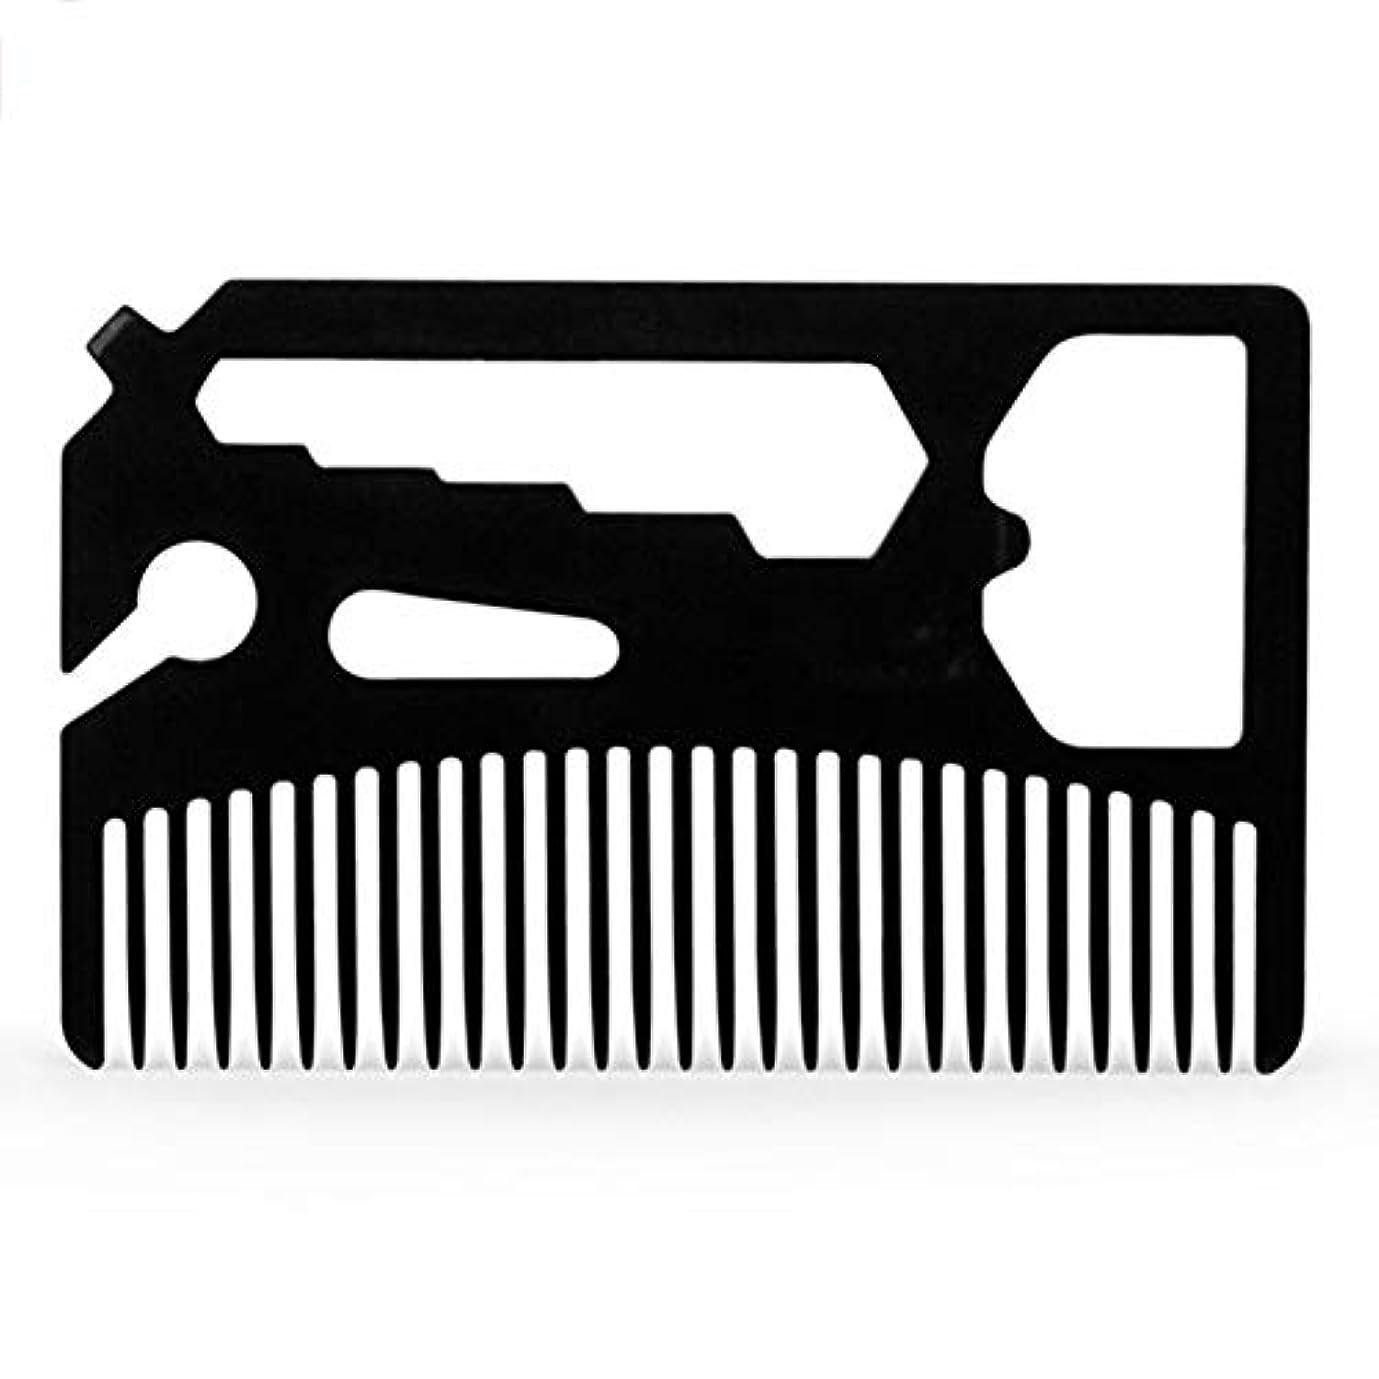 わざわざストリップペデスタルACHICOO 多機能ヘアブラシ ひげくし ステンレス鋼 栓抜き 髭櫛 金属 プラスチック 折りたたみ 男性 髪髭トリムツール 黒